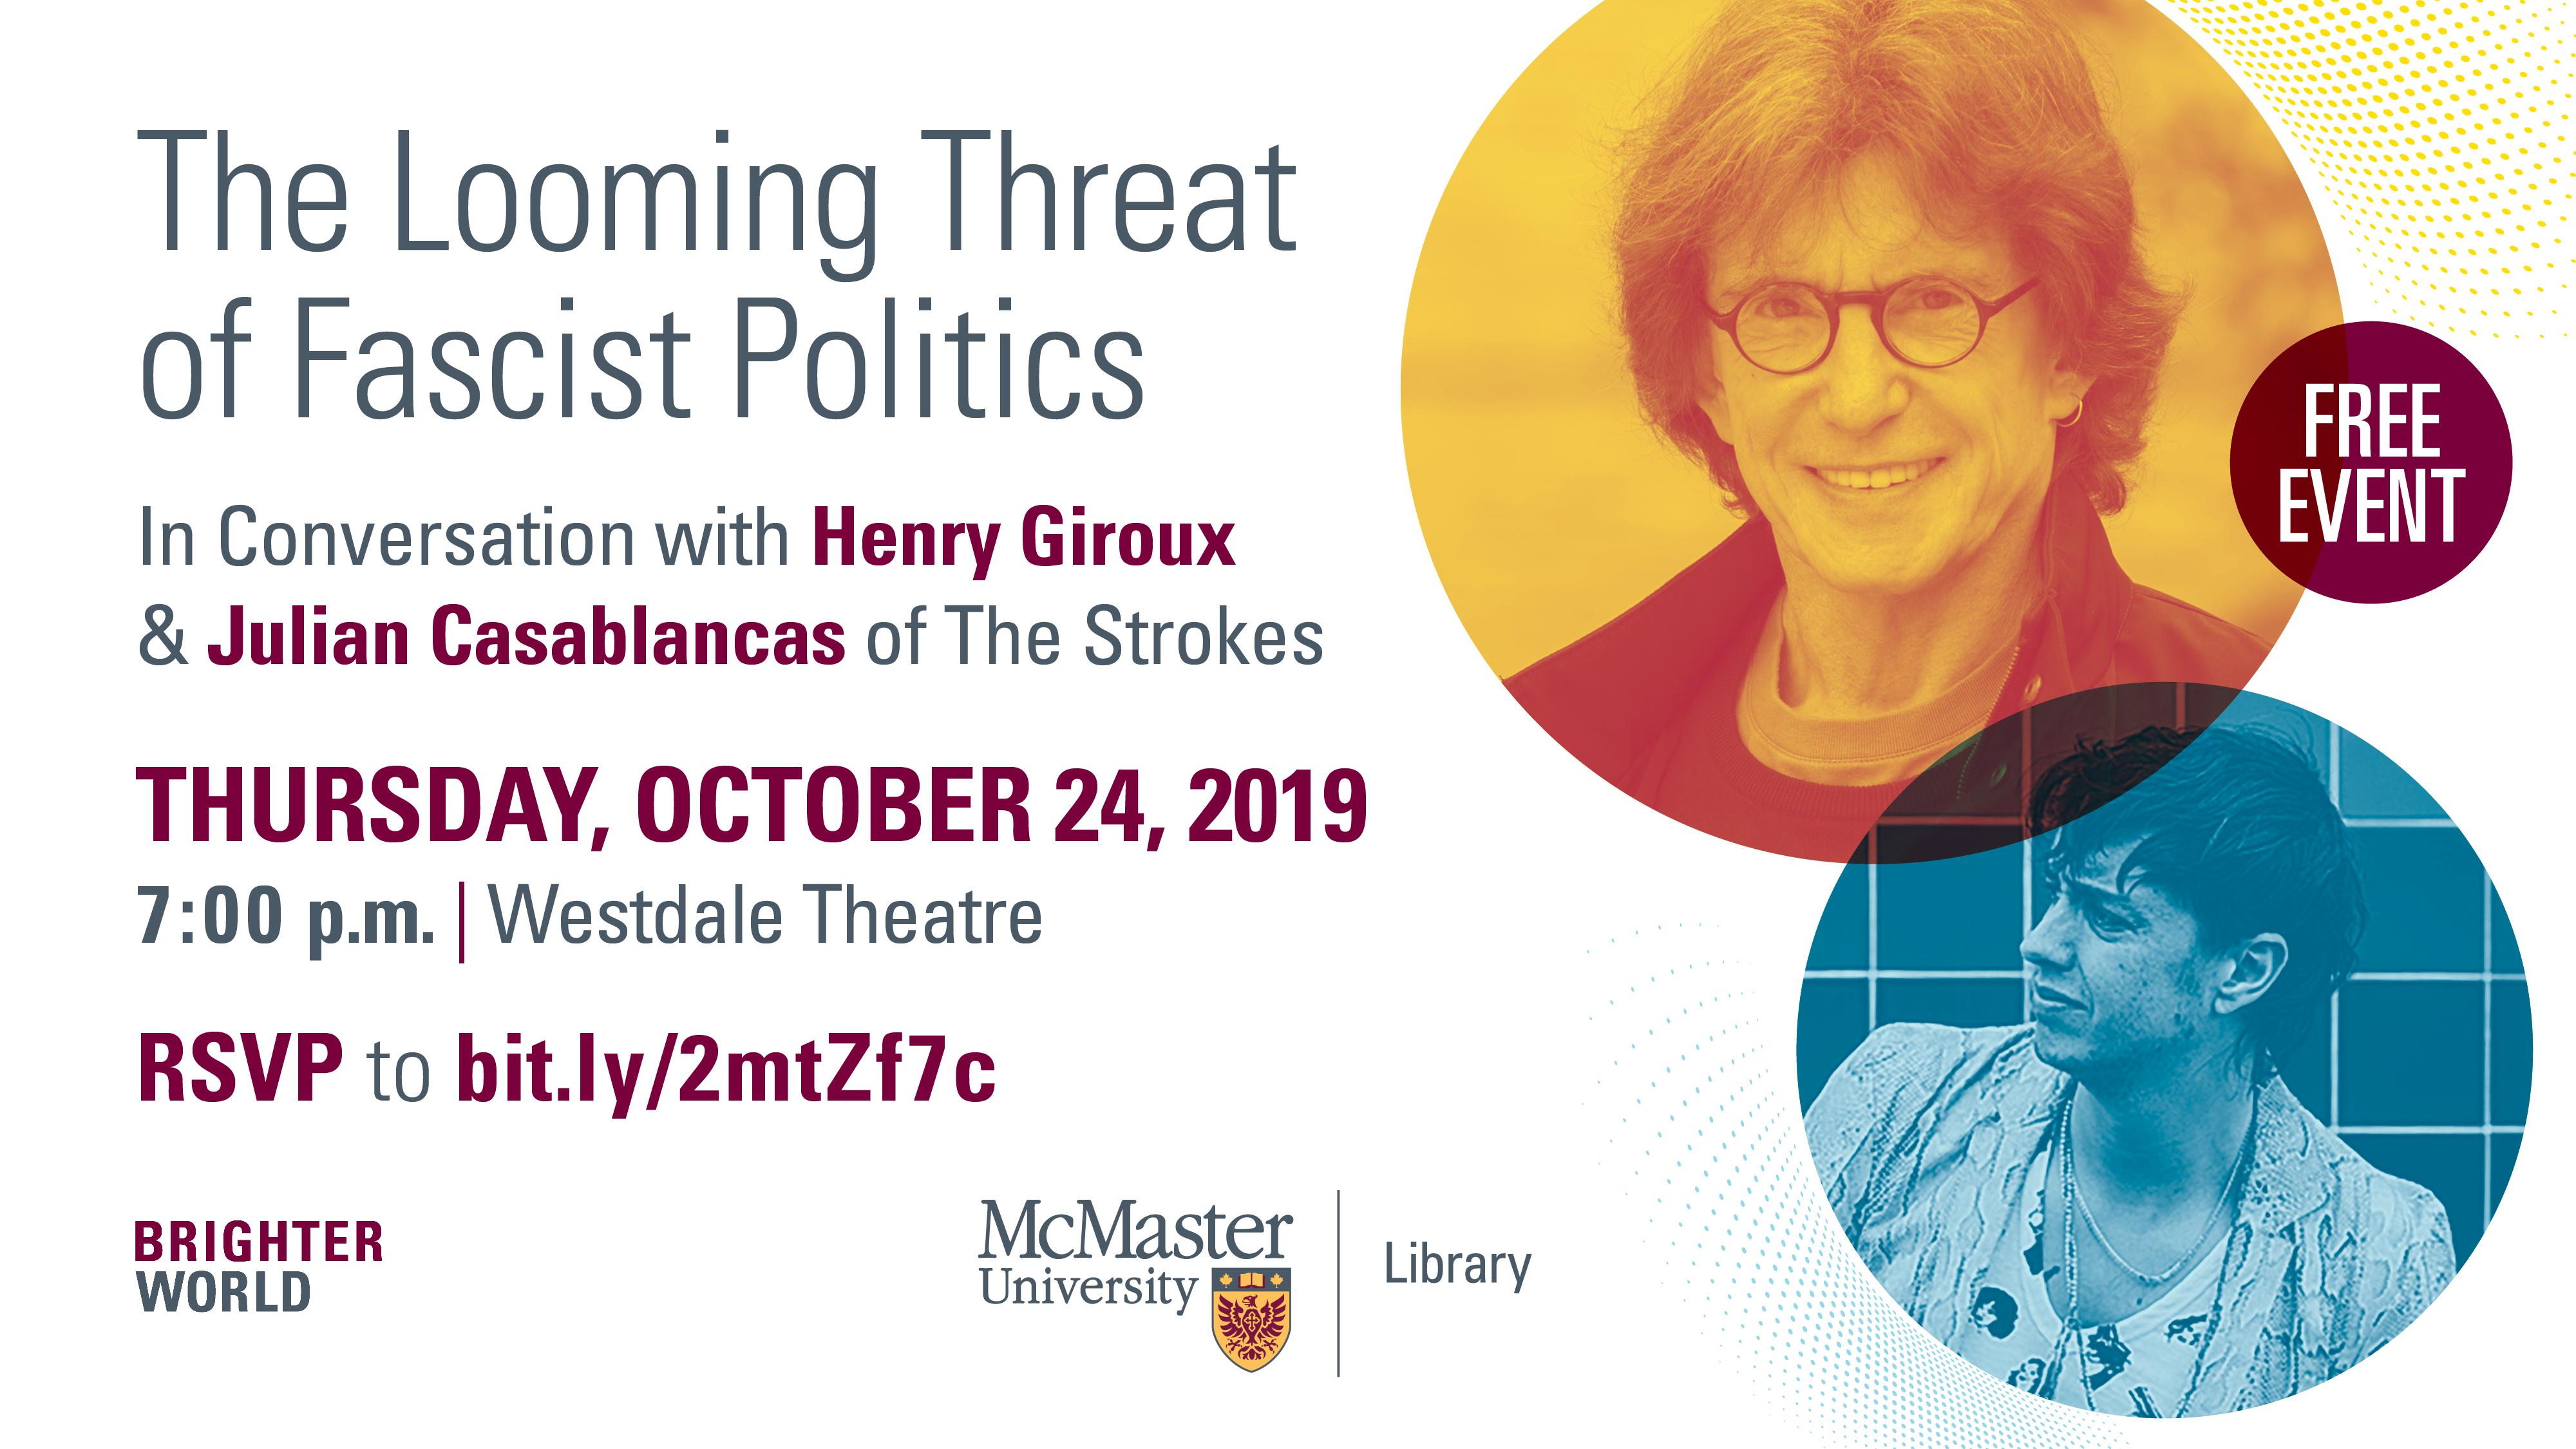 Promotional Poster for Henry Giroux, Julian Casablancas talk